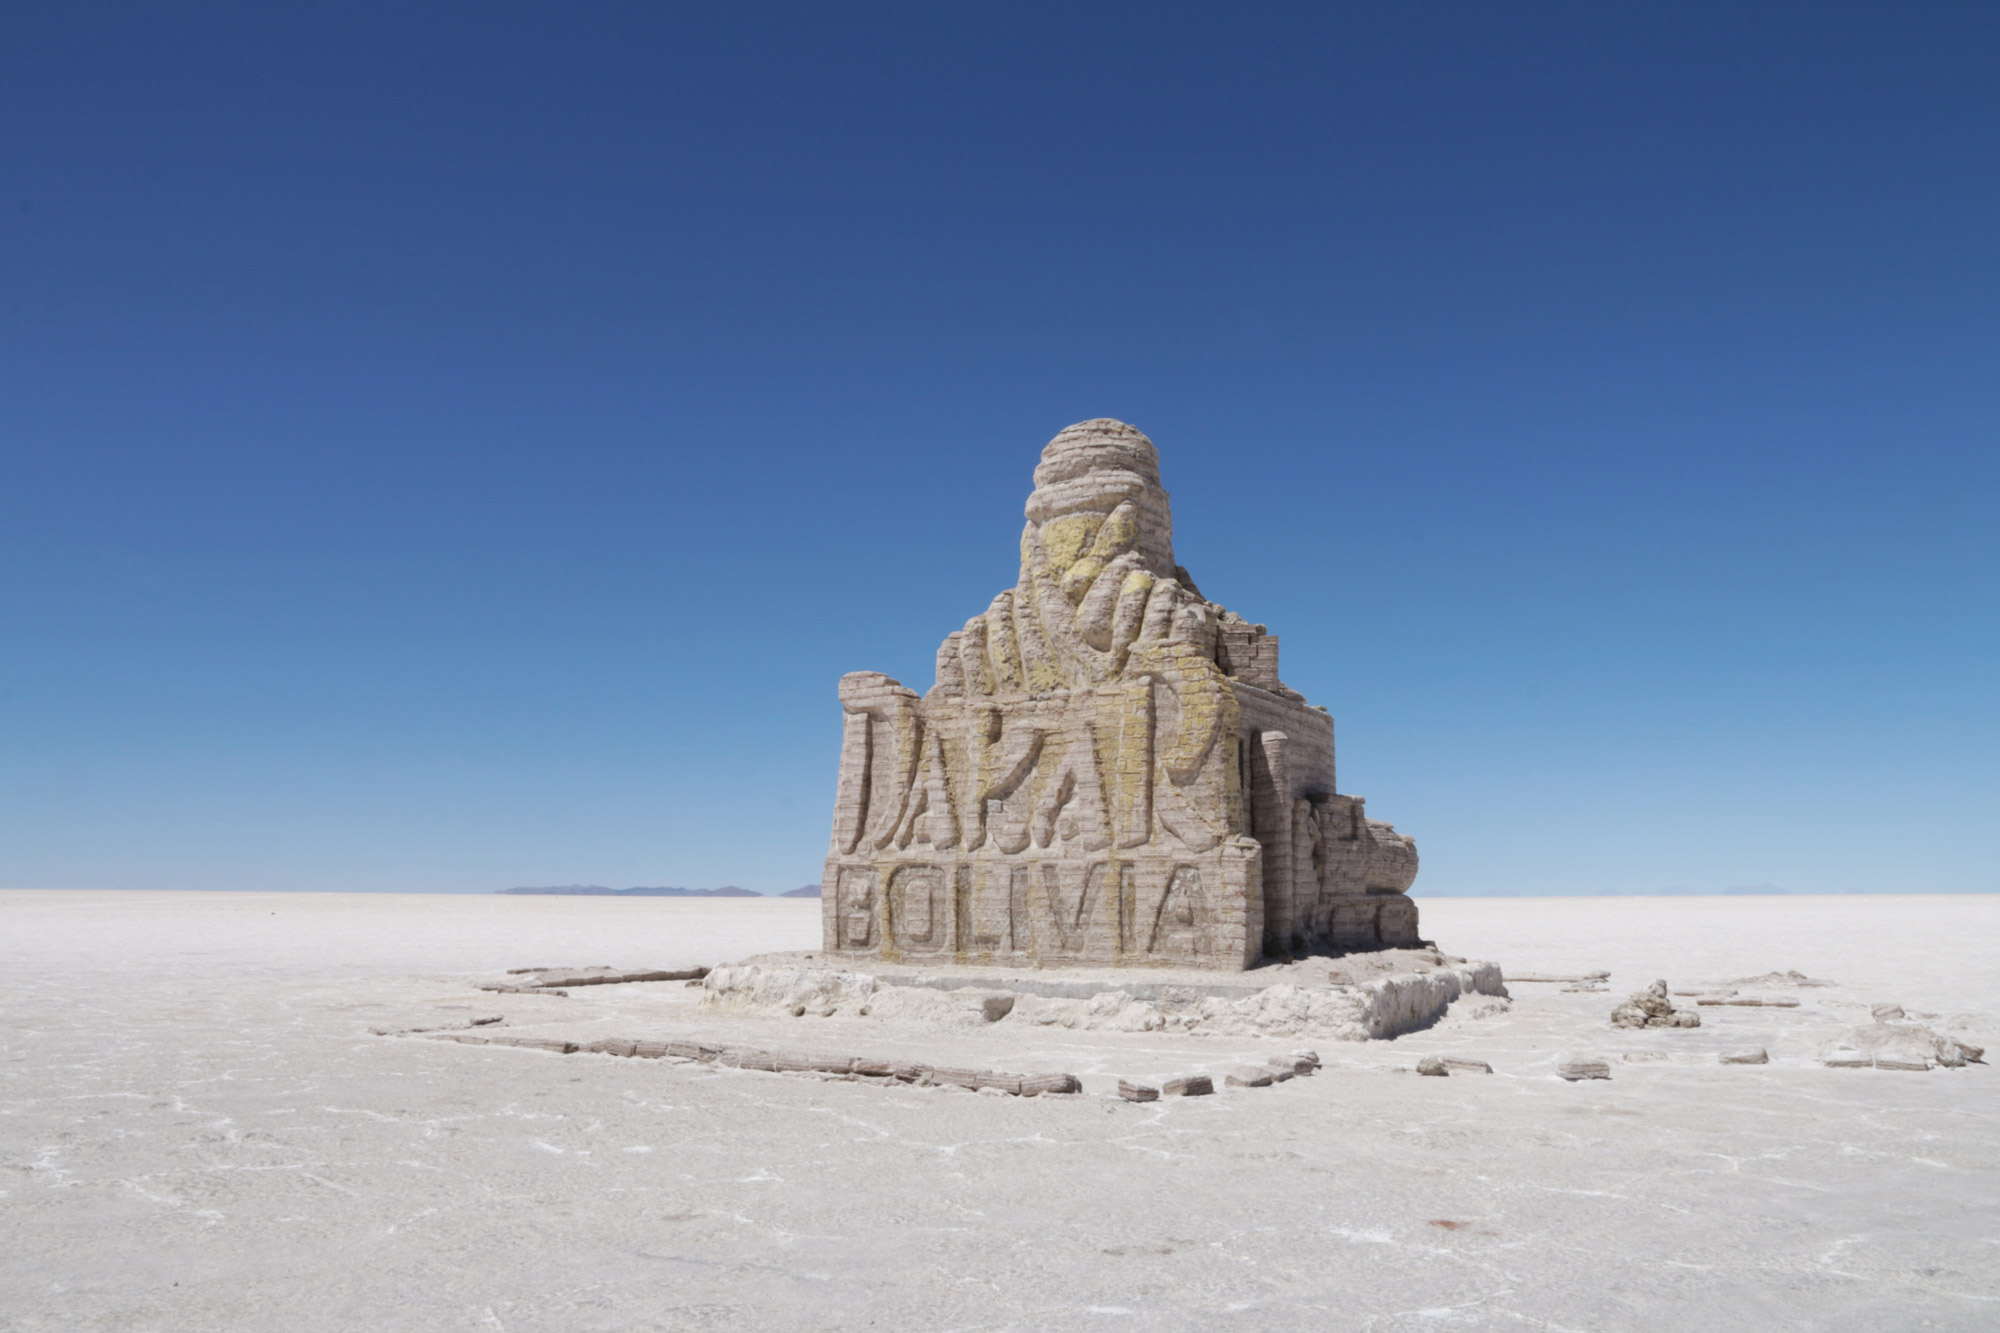 Reisverslag Bolivia: 's wereld grootste zoutvlakte - Dakar Rally monument